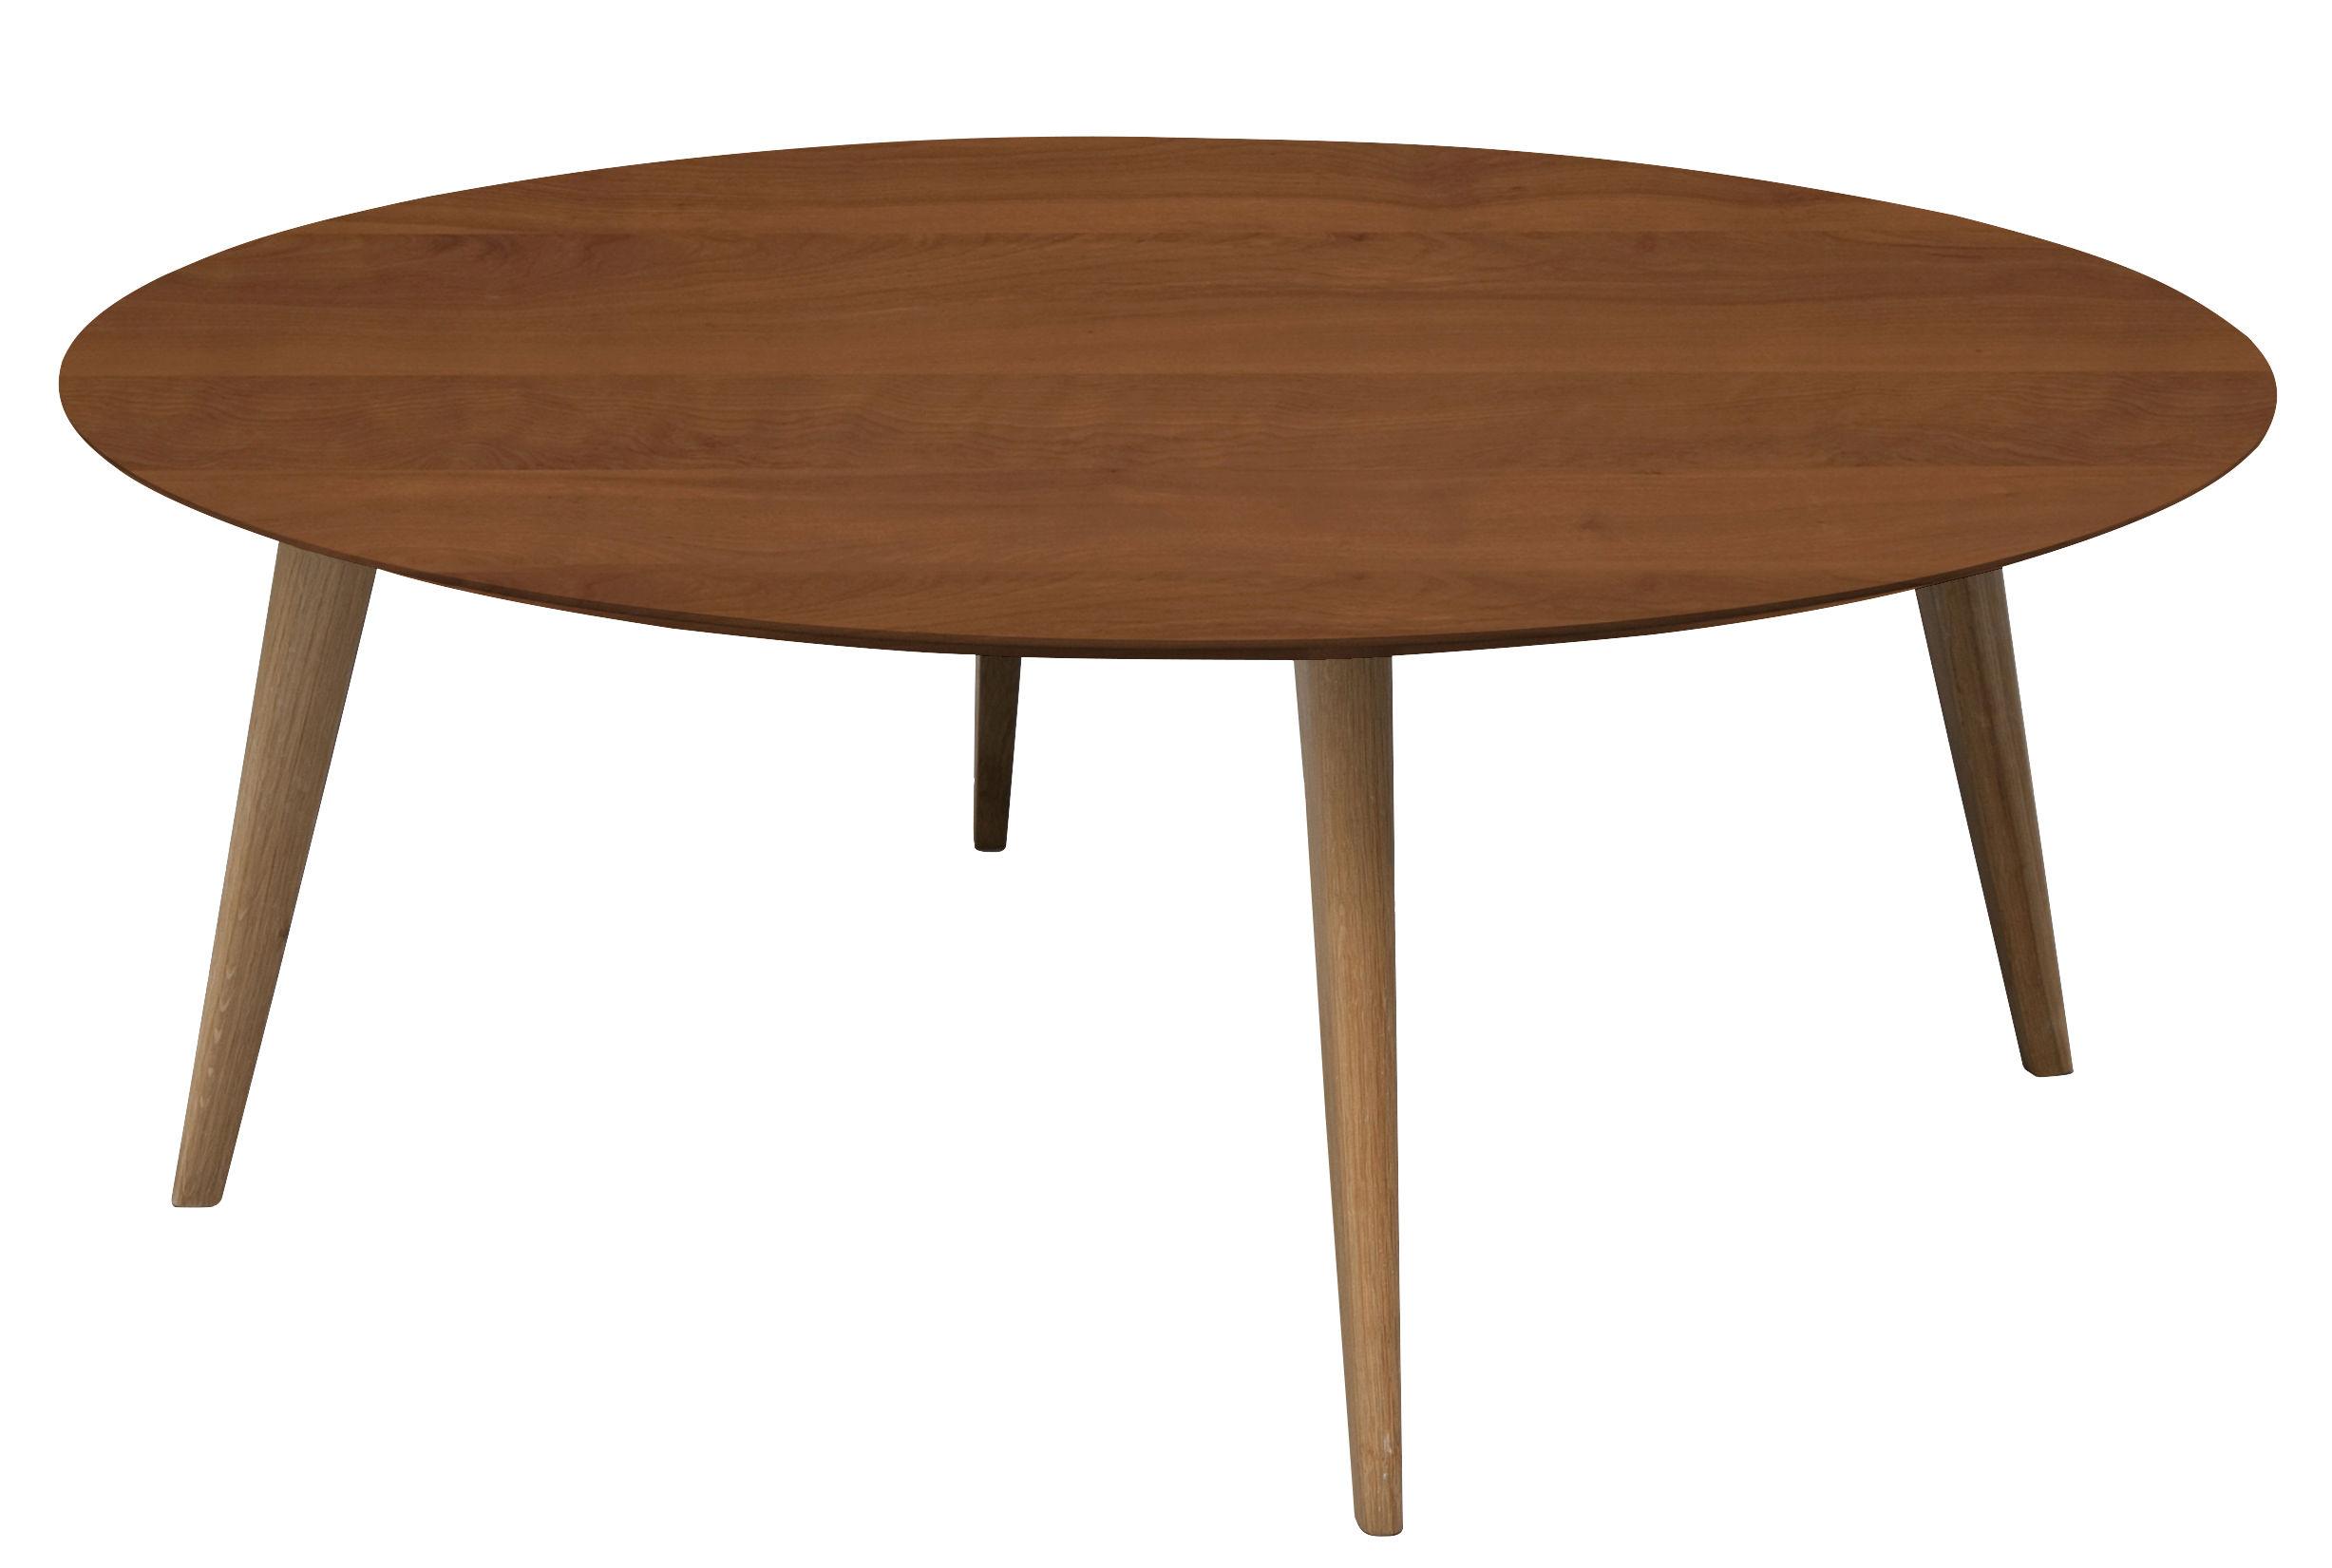 Furniture - Coffee Tables - Lalinde Ronde Coffee table - / XXL - Ø 95 cm by Sentou Edition - Teak / Oak legs - Solid oak, Teak veneer MDF